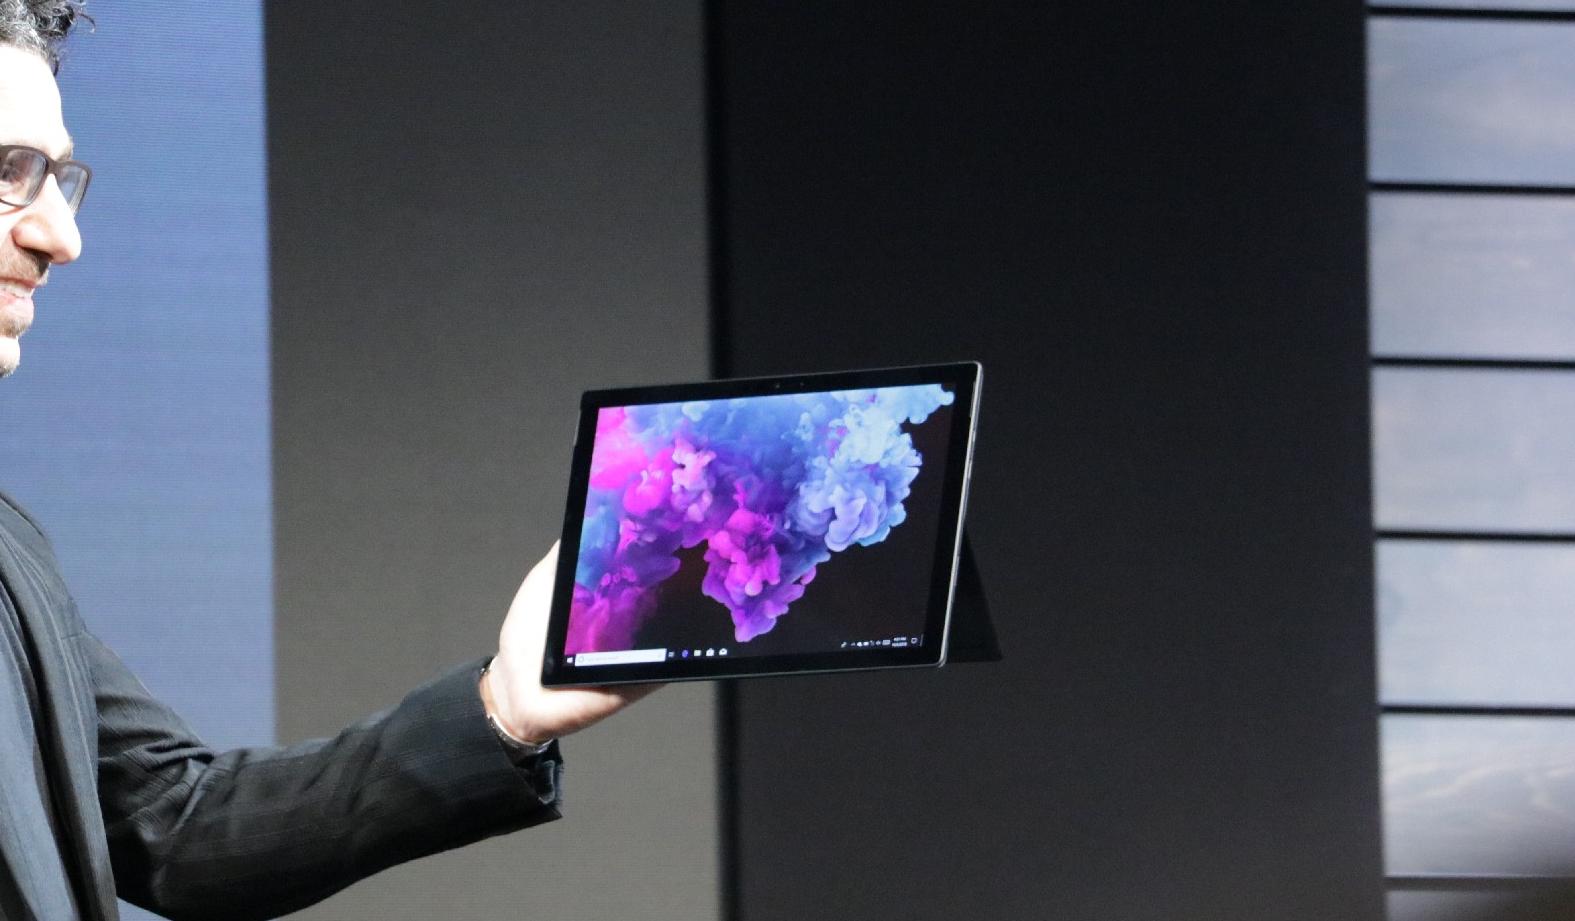 Surface Pro 6 - مايكروسوفت تكشف رسميًا عن جهاز Surface Pro 6 بتصميم أسود أنيق